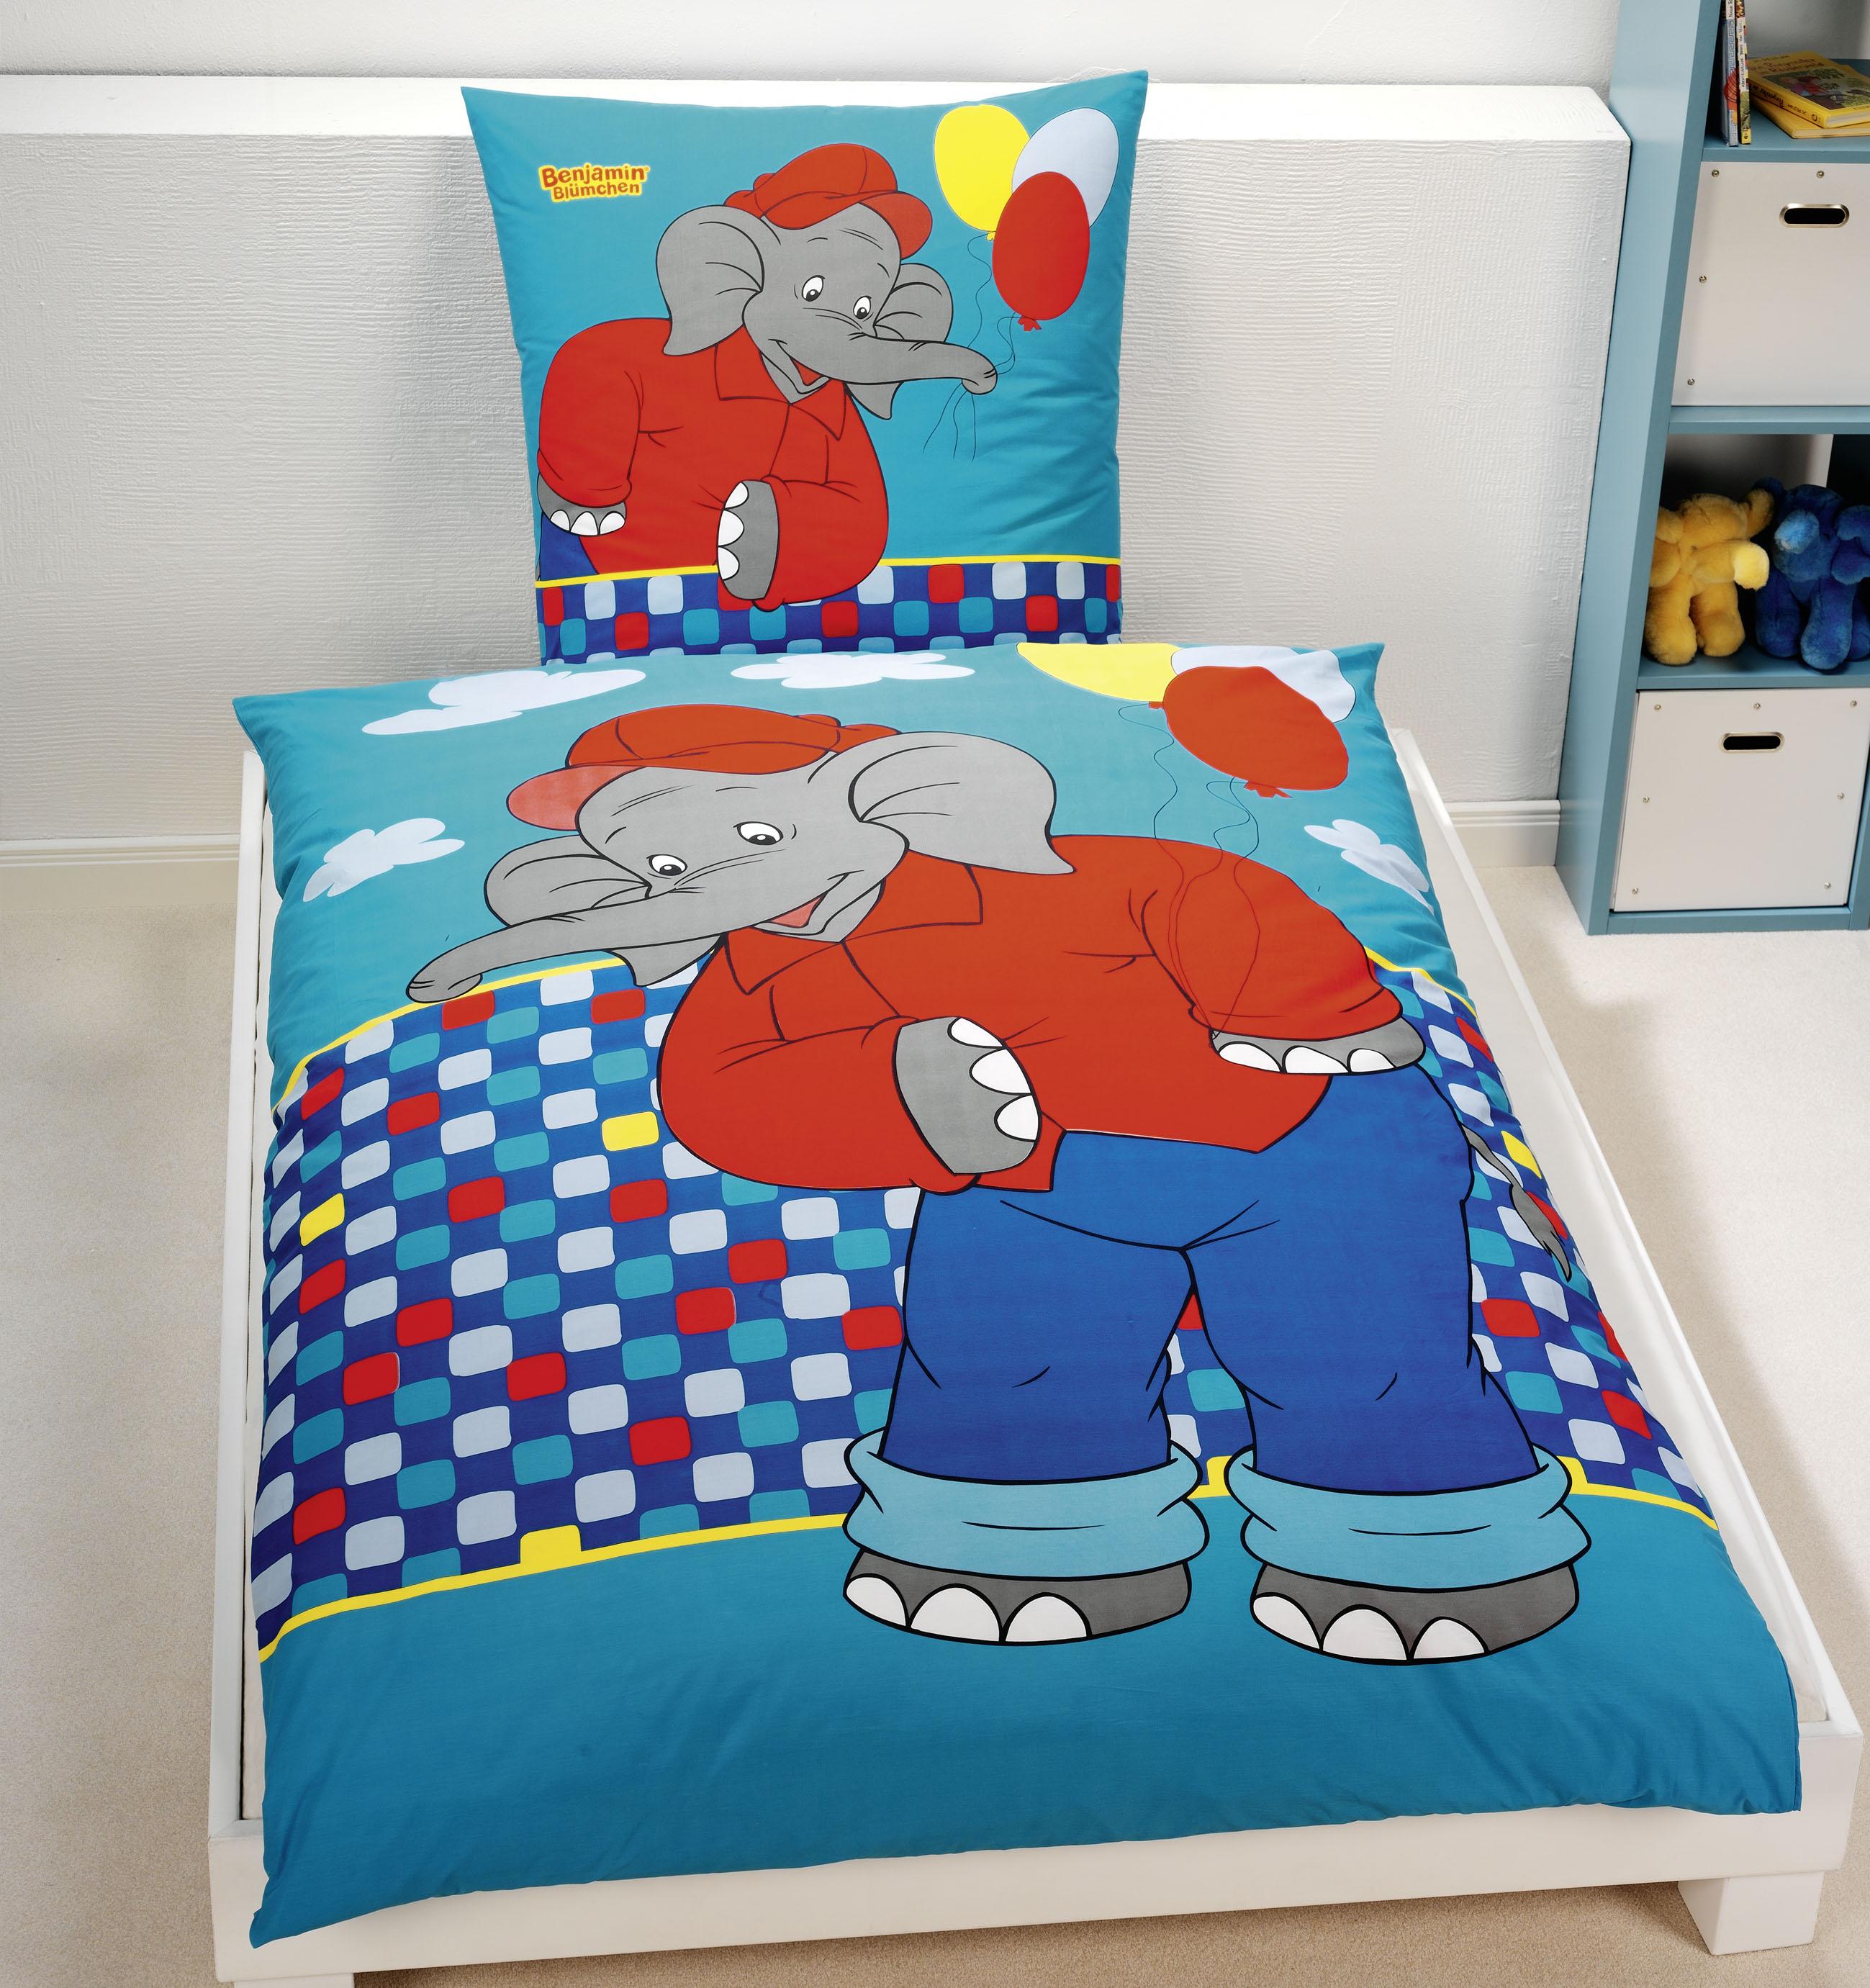 benjamin bl mchen wende bettw sche 135 x 200cm f r 29 99 familienliebe. Black Bedroom Furniture Sets. Home Design Ideas